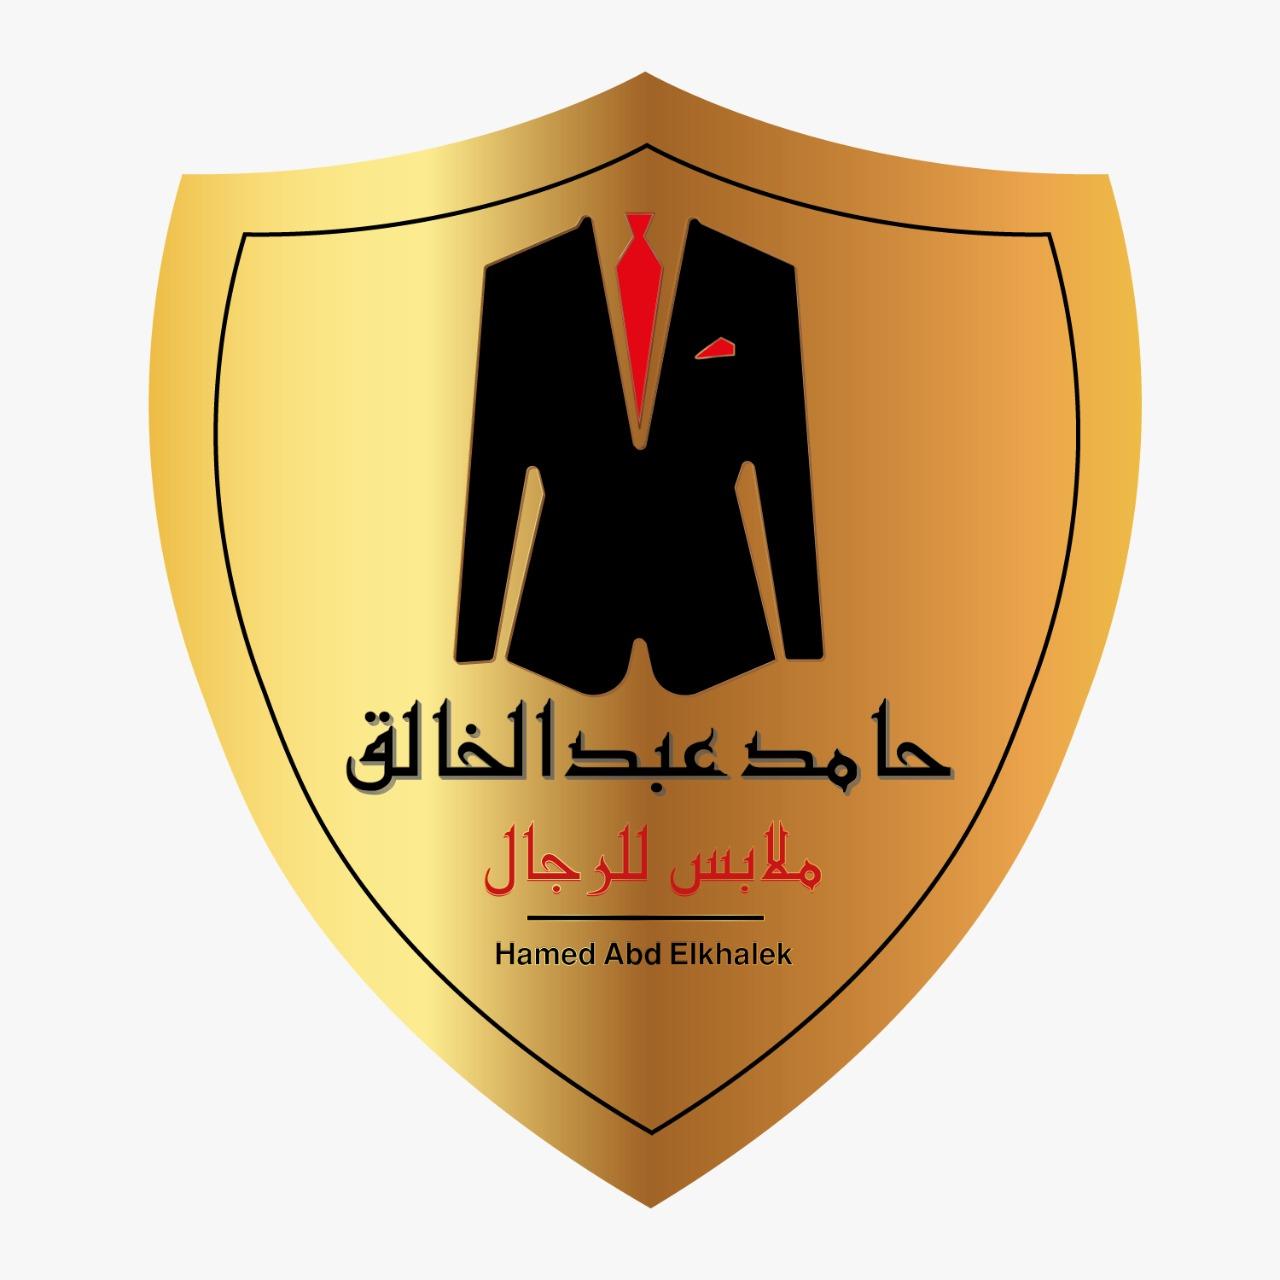 لوجو حامد عبد الخالق